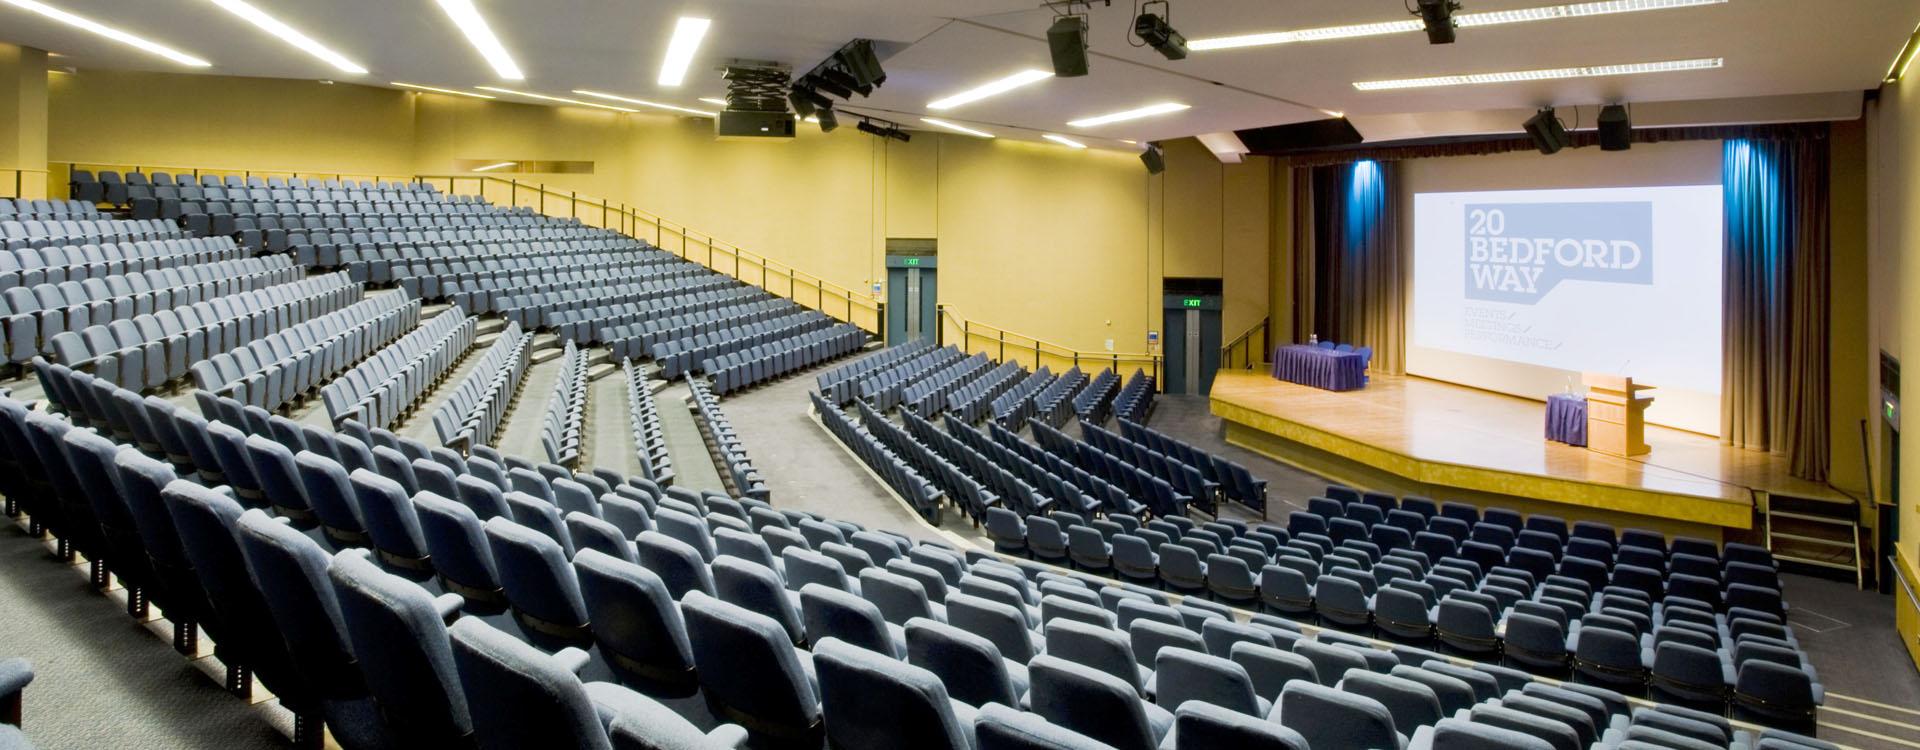 مشاوره ، طراحی و اجرای سيستم های صوتی ، تصوير و نورپردازی ویژه سالن های آمفی تئاتر ، همايش و اجتماعات